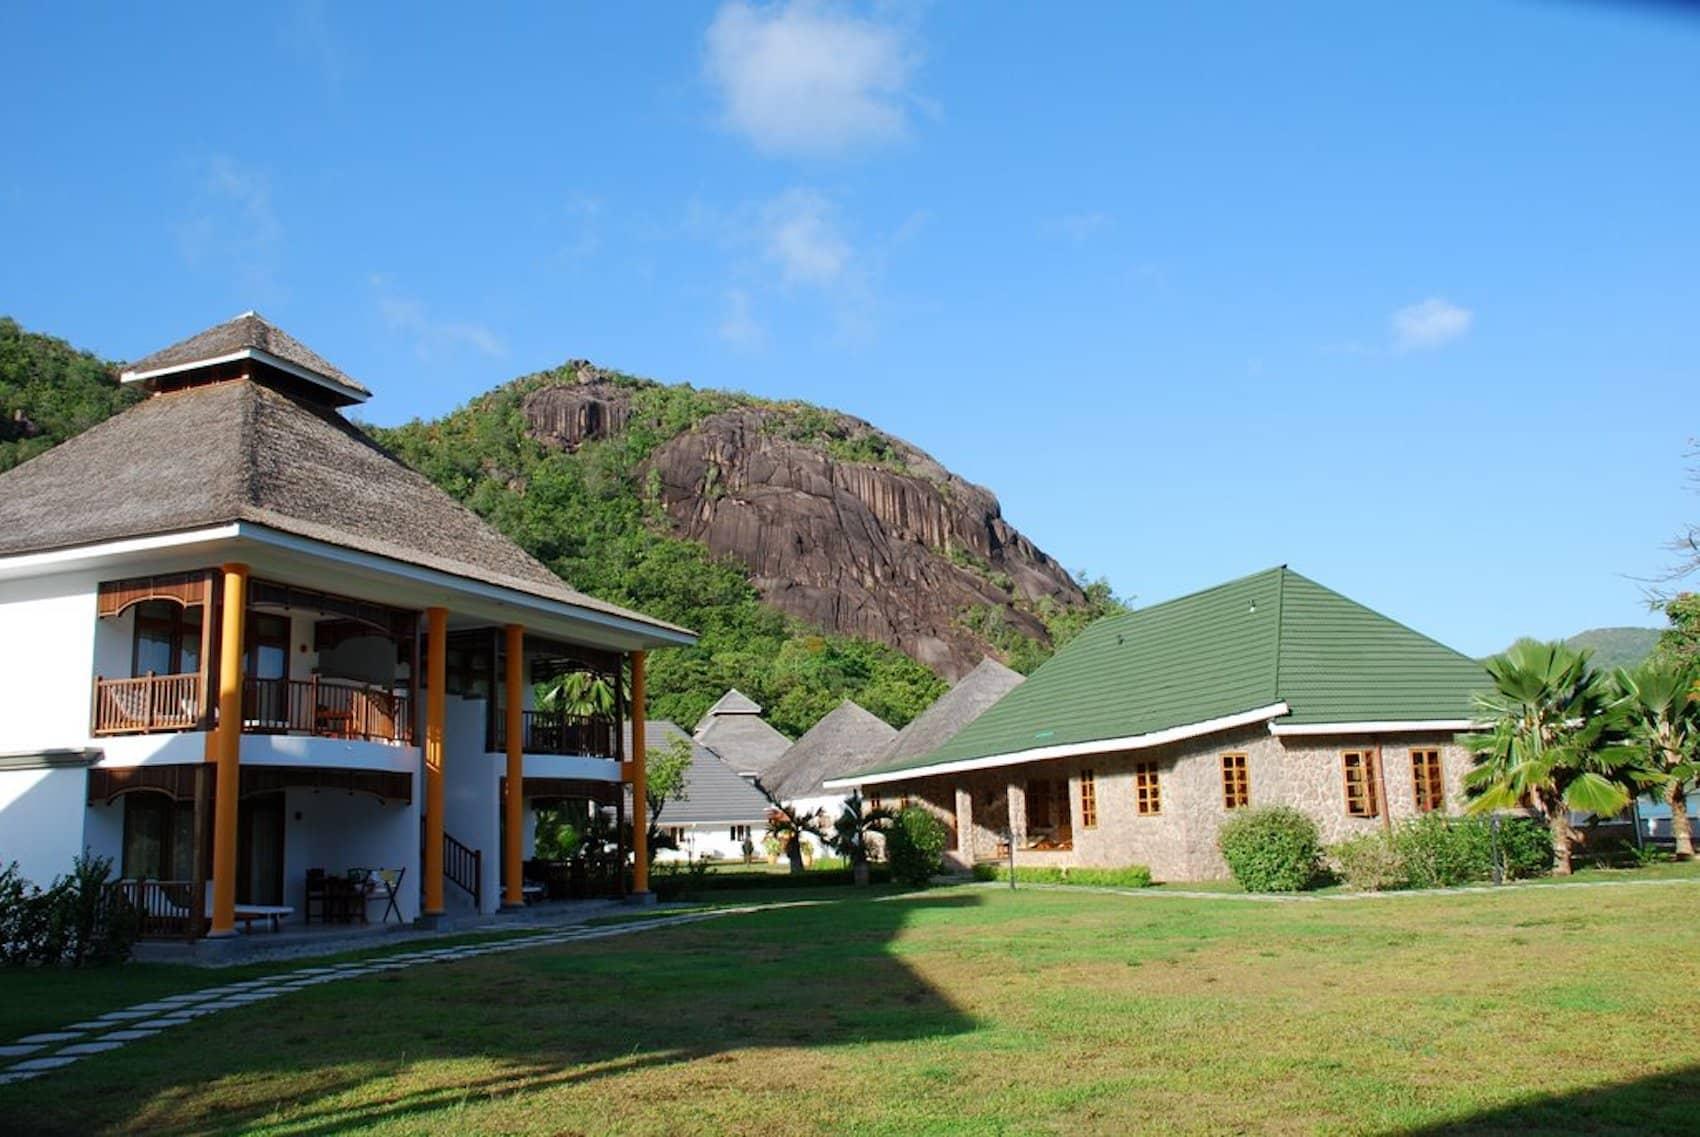 Le domaine de la reserve - Praslin Island - Viaggio di nozze alle Seychelles